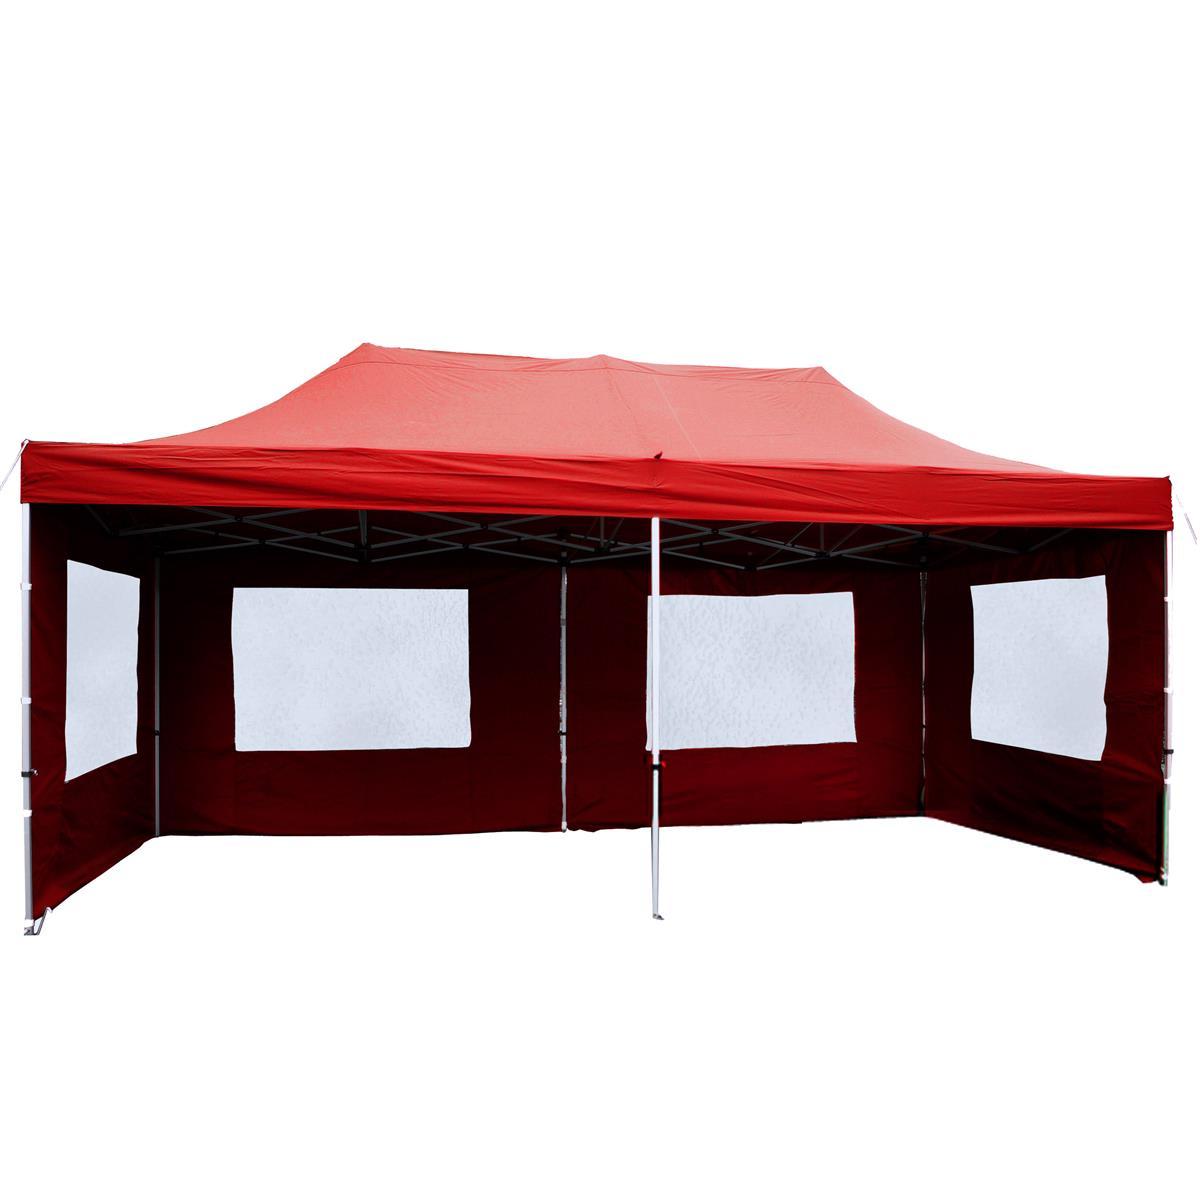 PROFI Faltpavillon Partyzelt 3x6 m rot mit Seitenteilen wasserdichtes Dach